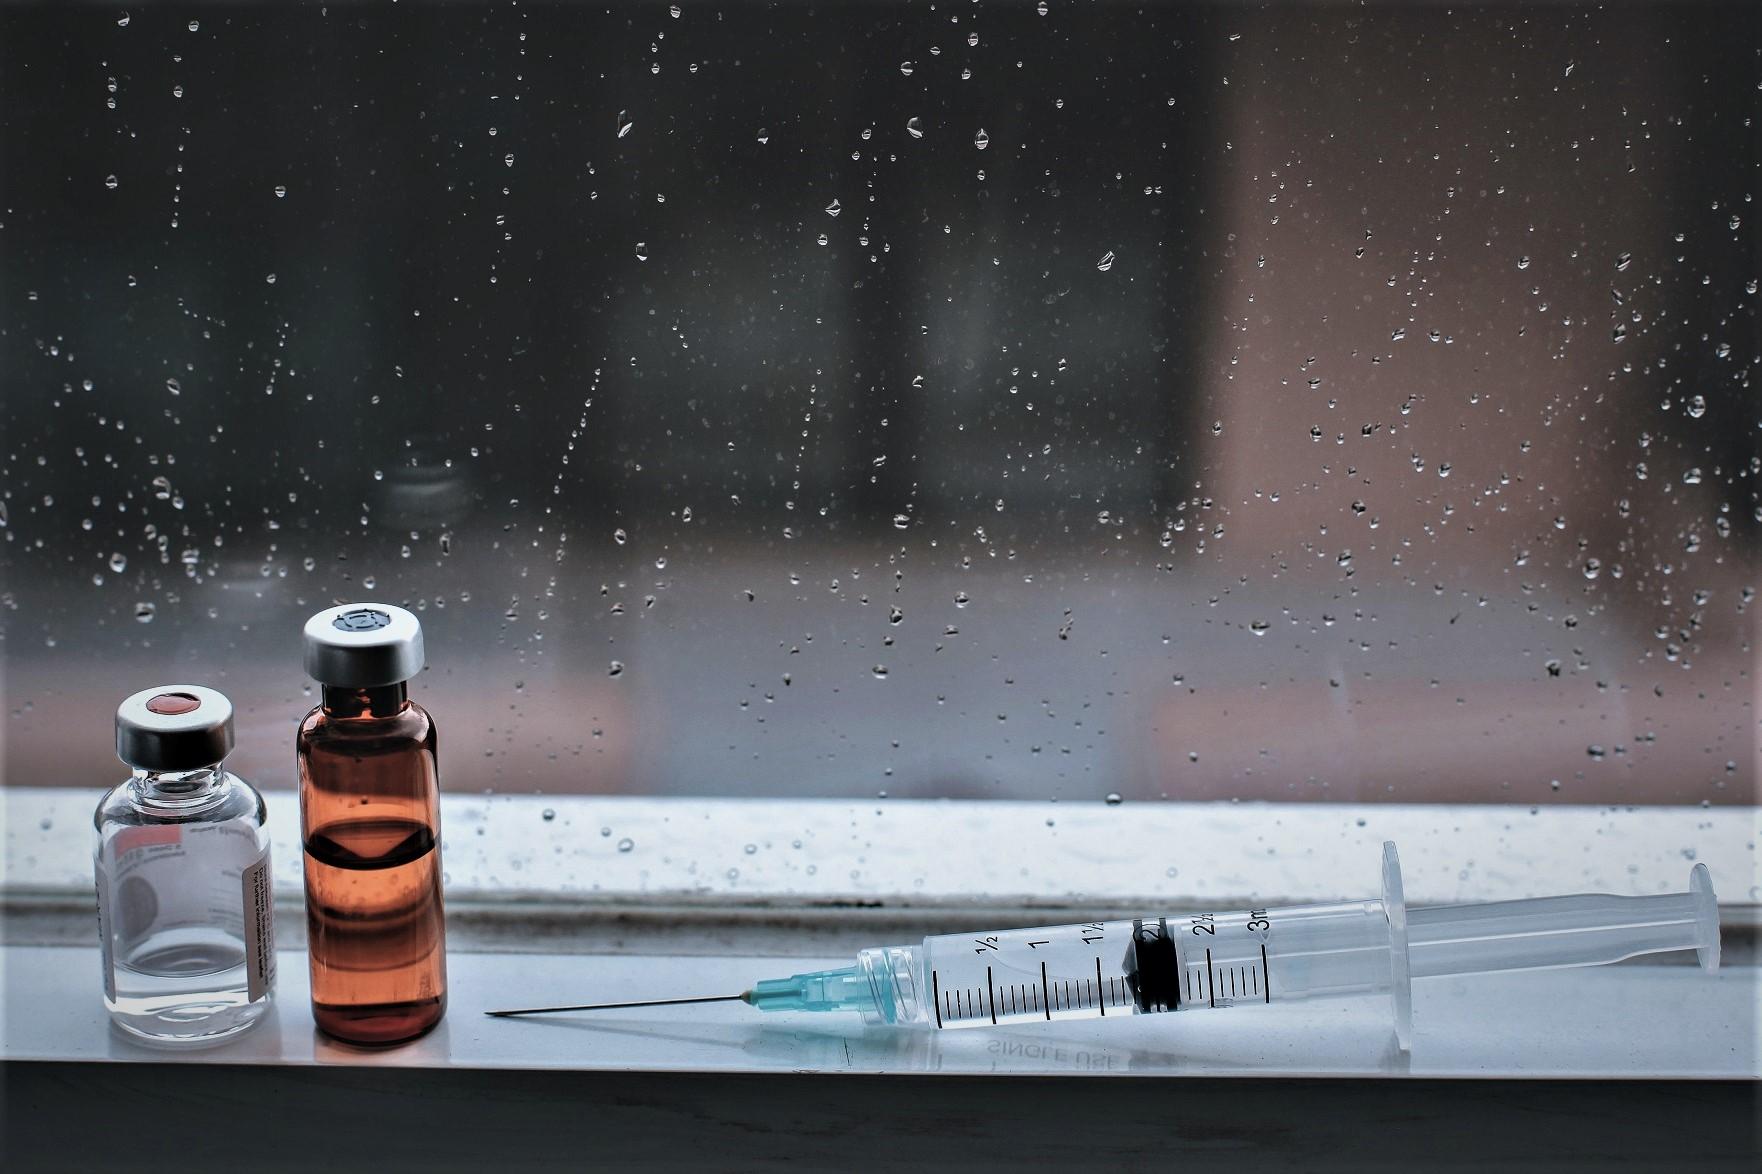 used vaccine bottles and syringe F64D4TF2 NDI NDI